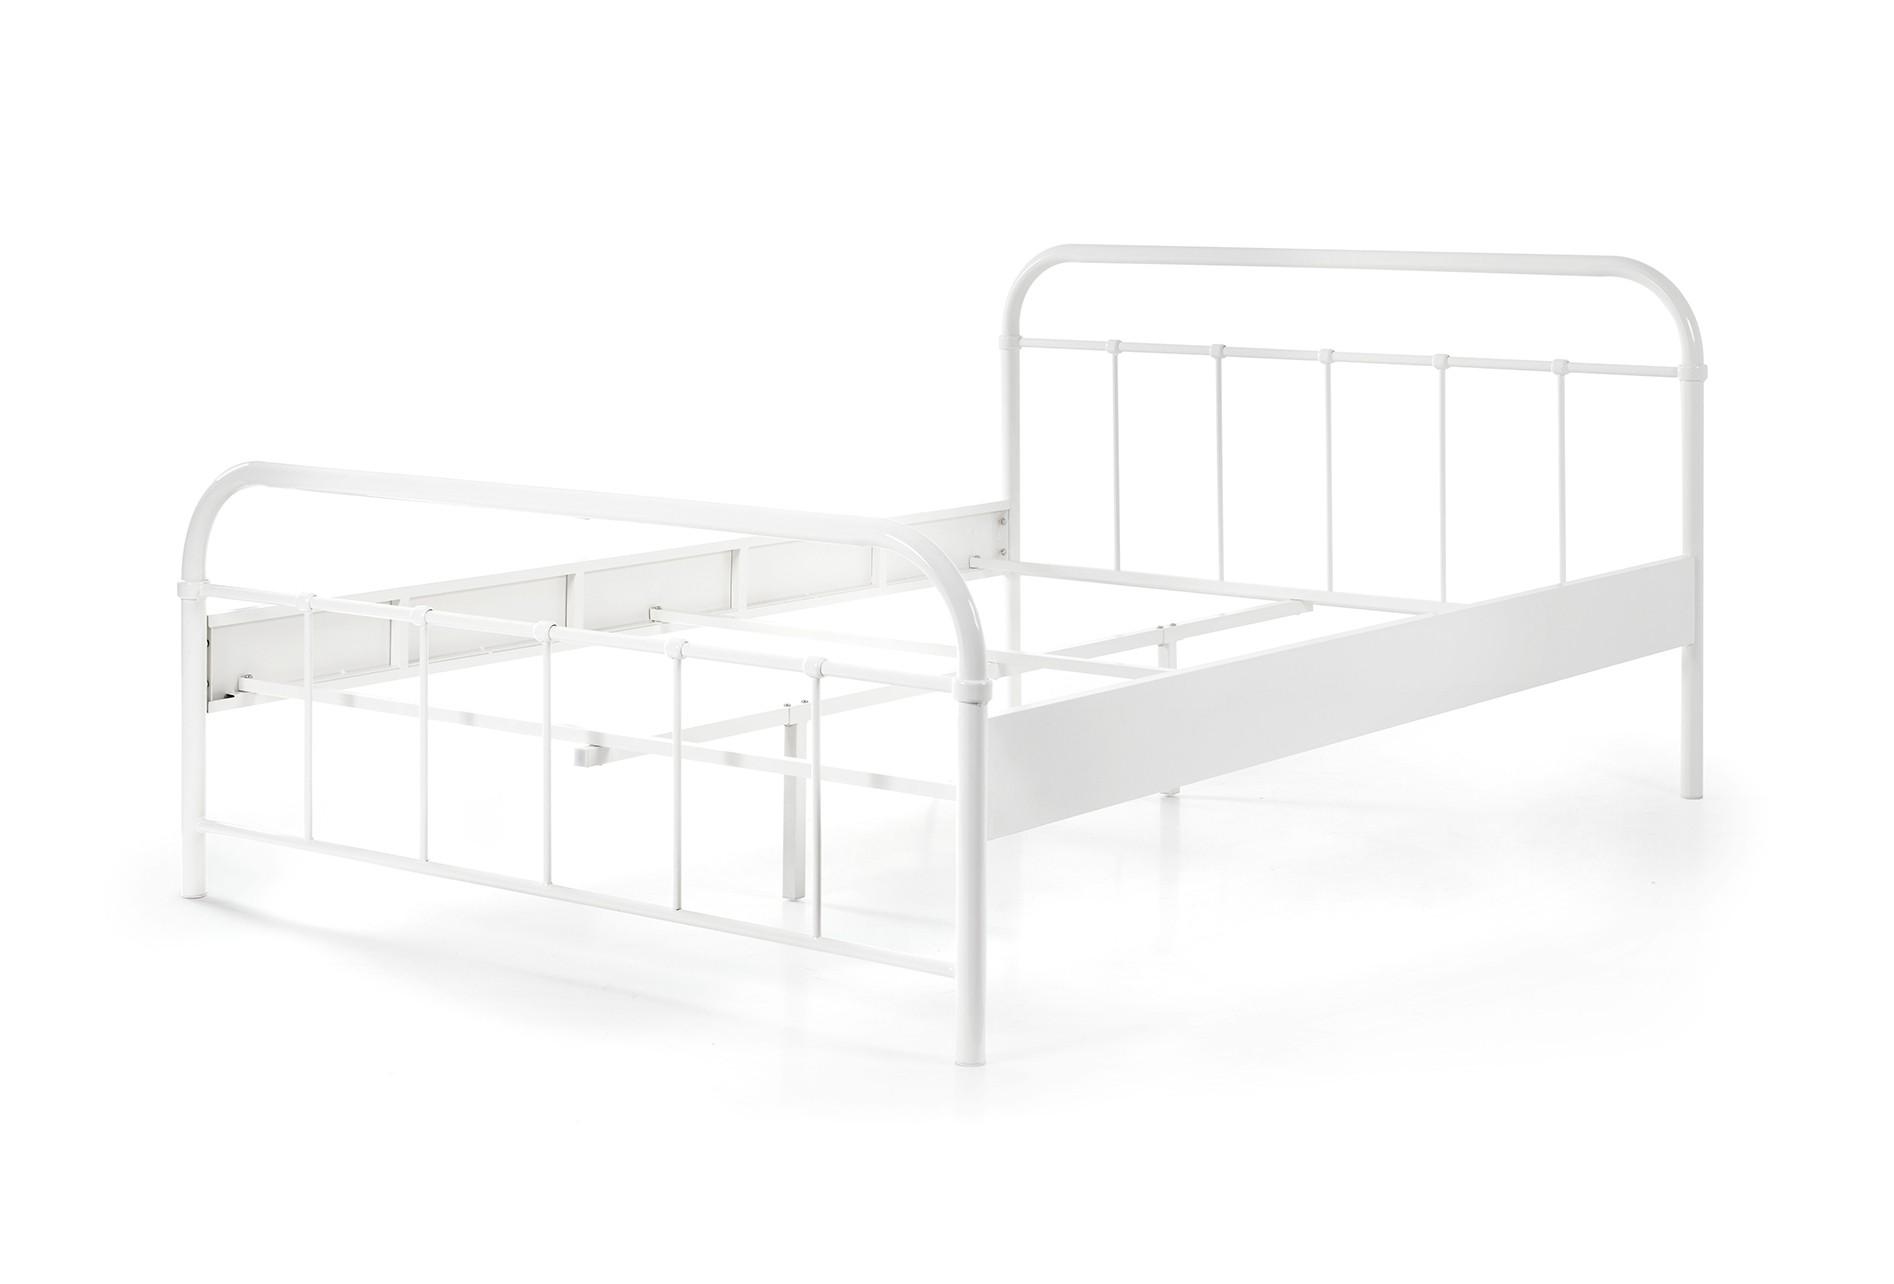 metallbett boston liegefl che 140 x 200 cm wei kinder jugendzimmer betten. Black Bedroom Furniture Sets. Home Design Ideas